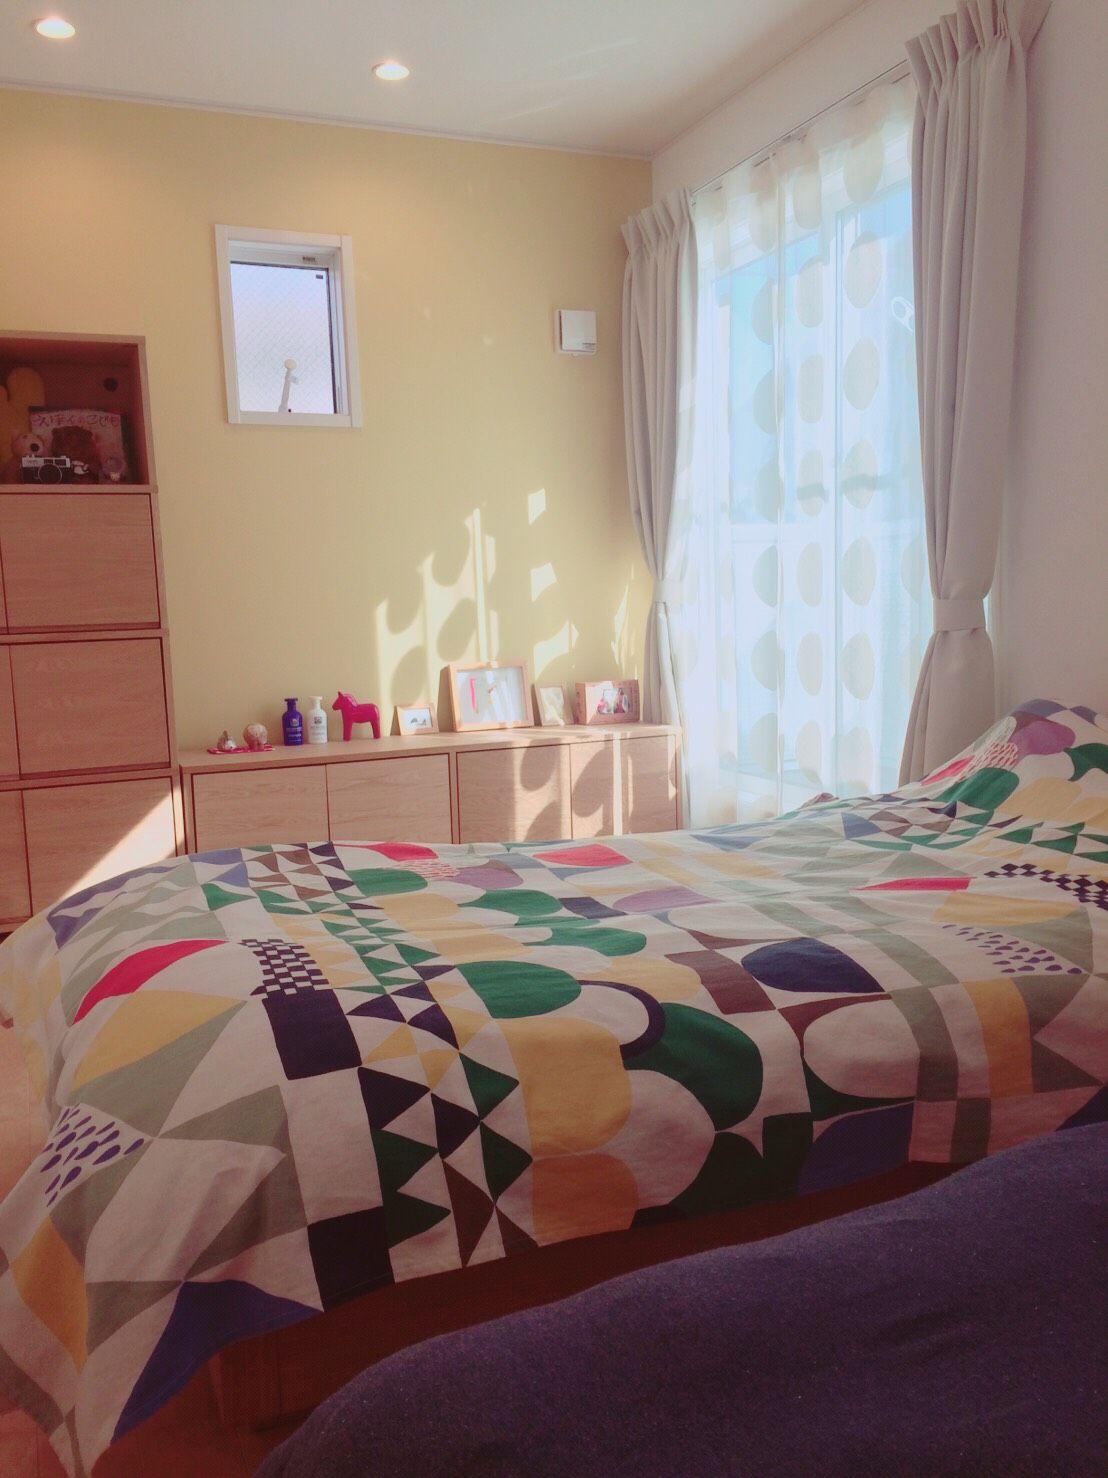 dad5a286d9 寝室 インテリア⑤無印の収納家具:スタッキング・キャビネット | 北欧 ...